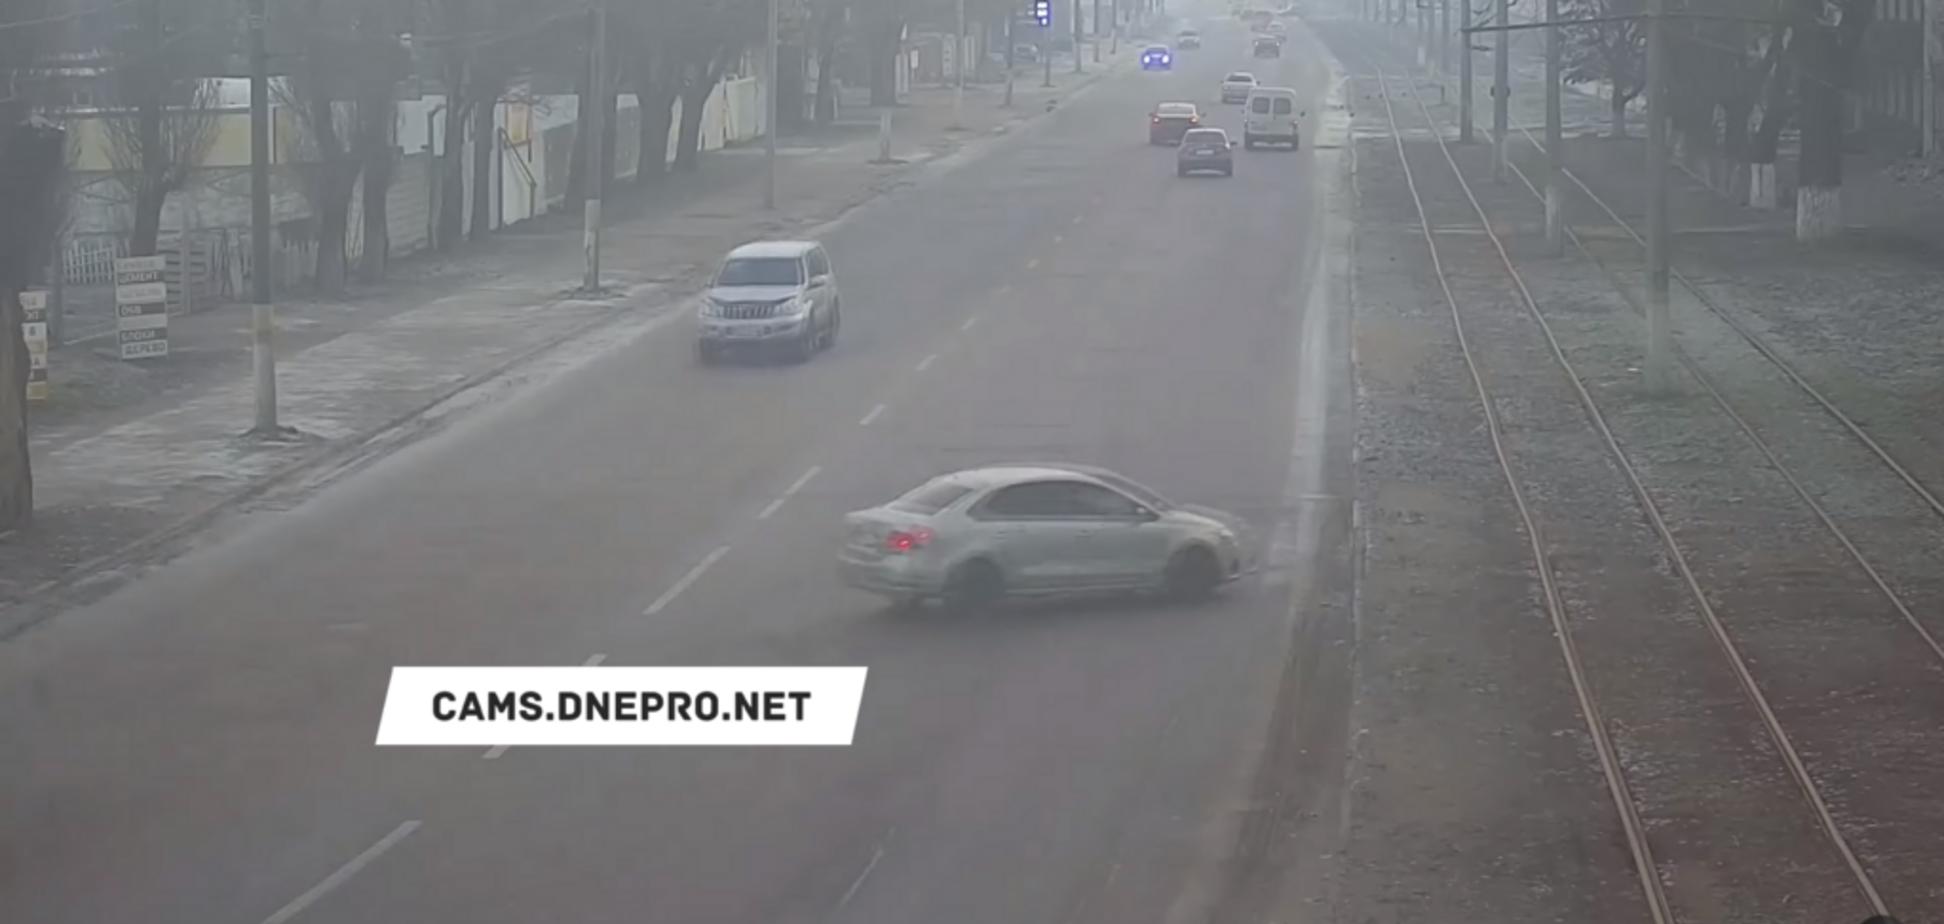 На Днепропетровщине авто 'подскользнулось' и вылетело с дороги. Видео